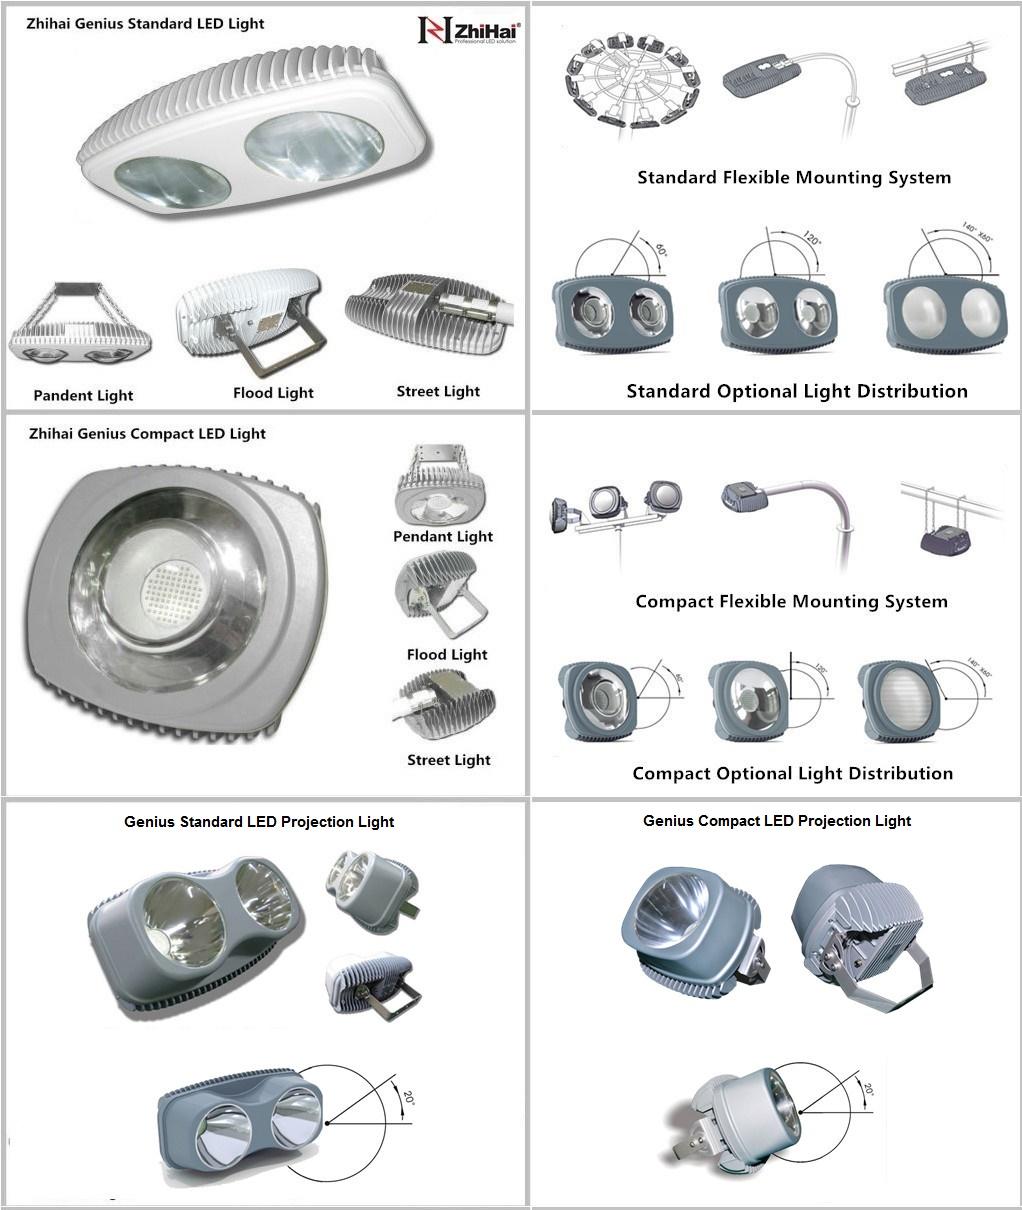 Zhihai Genius Style LED Lights